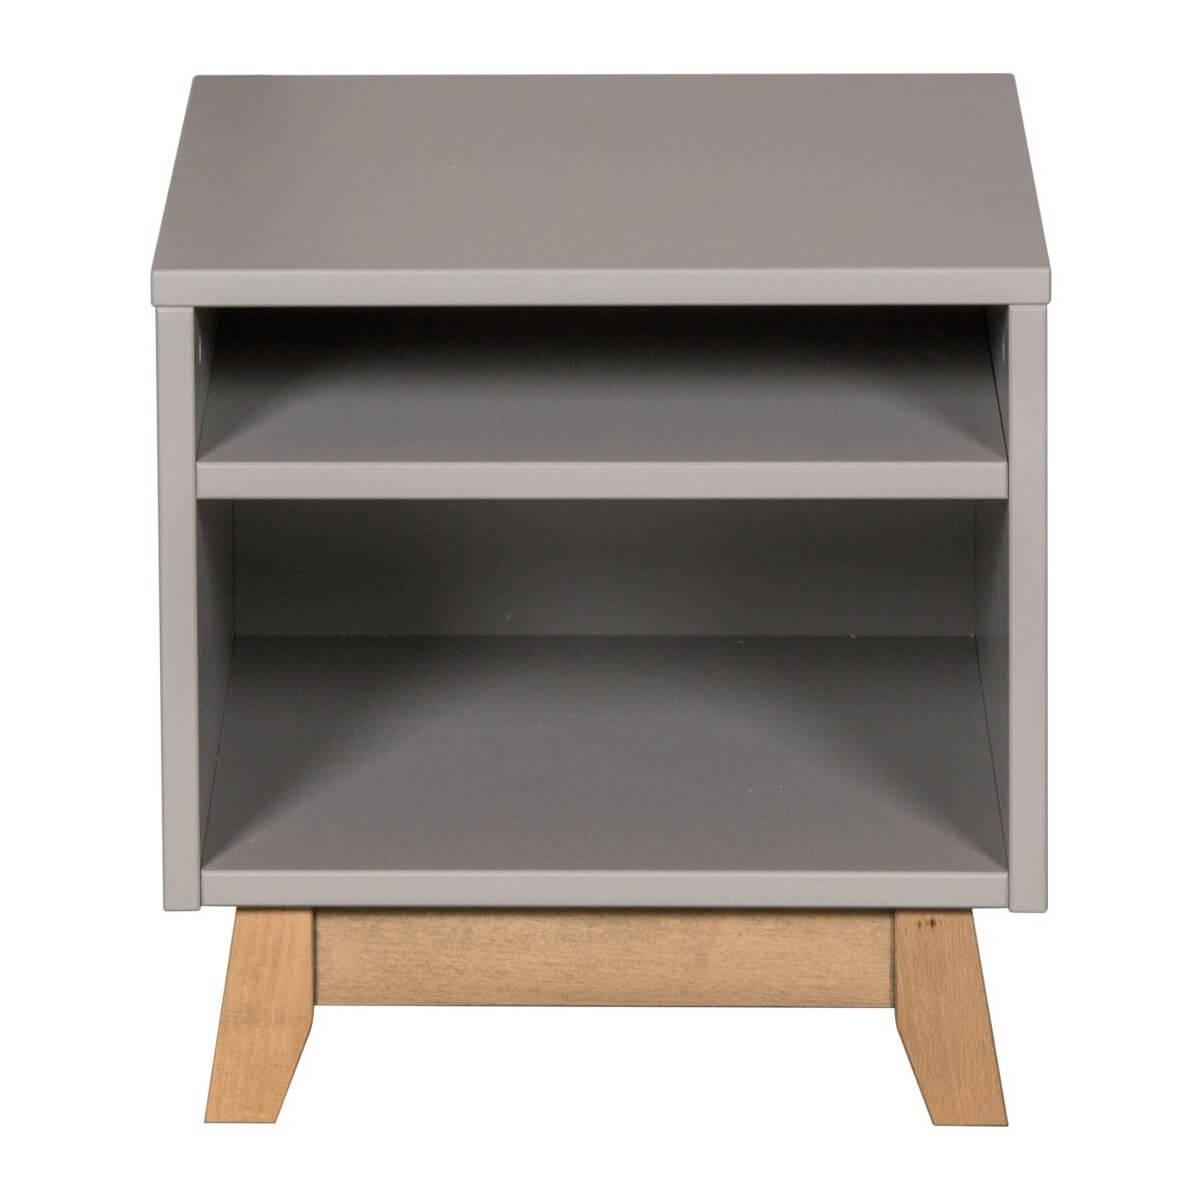 Nachttisch TRENDY Quax griffin grey